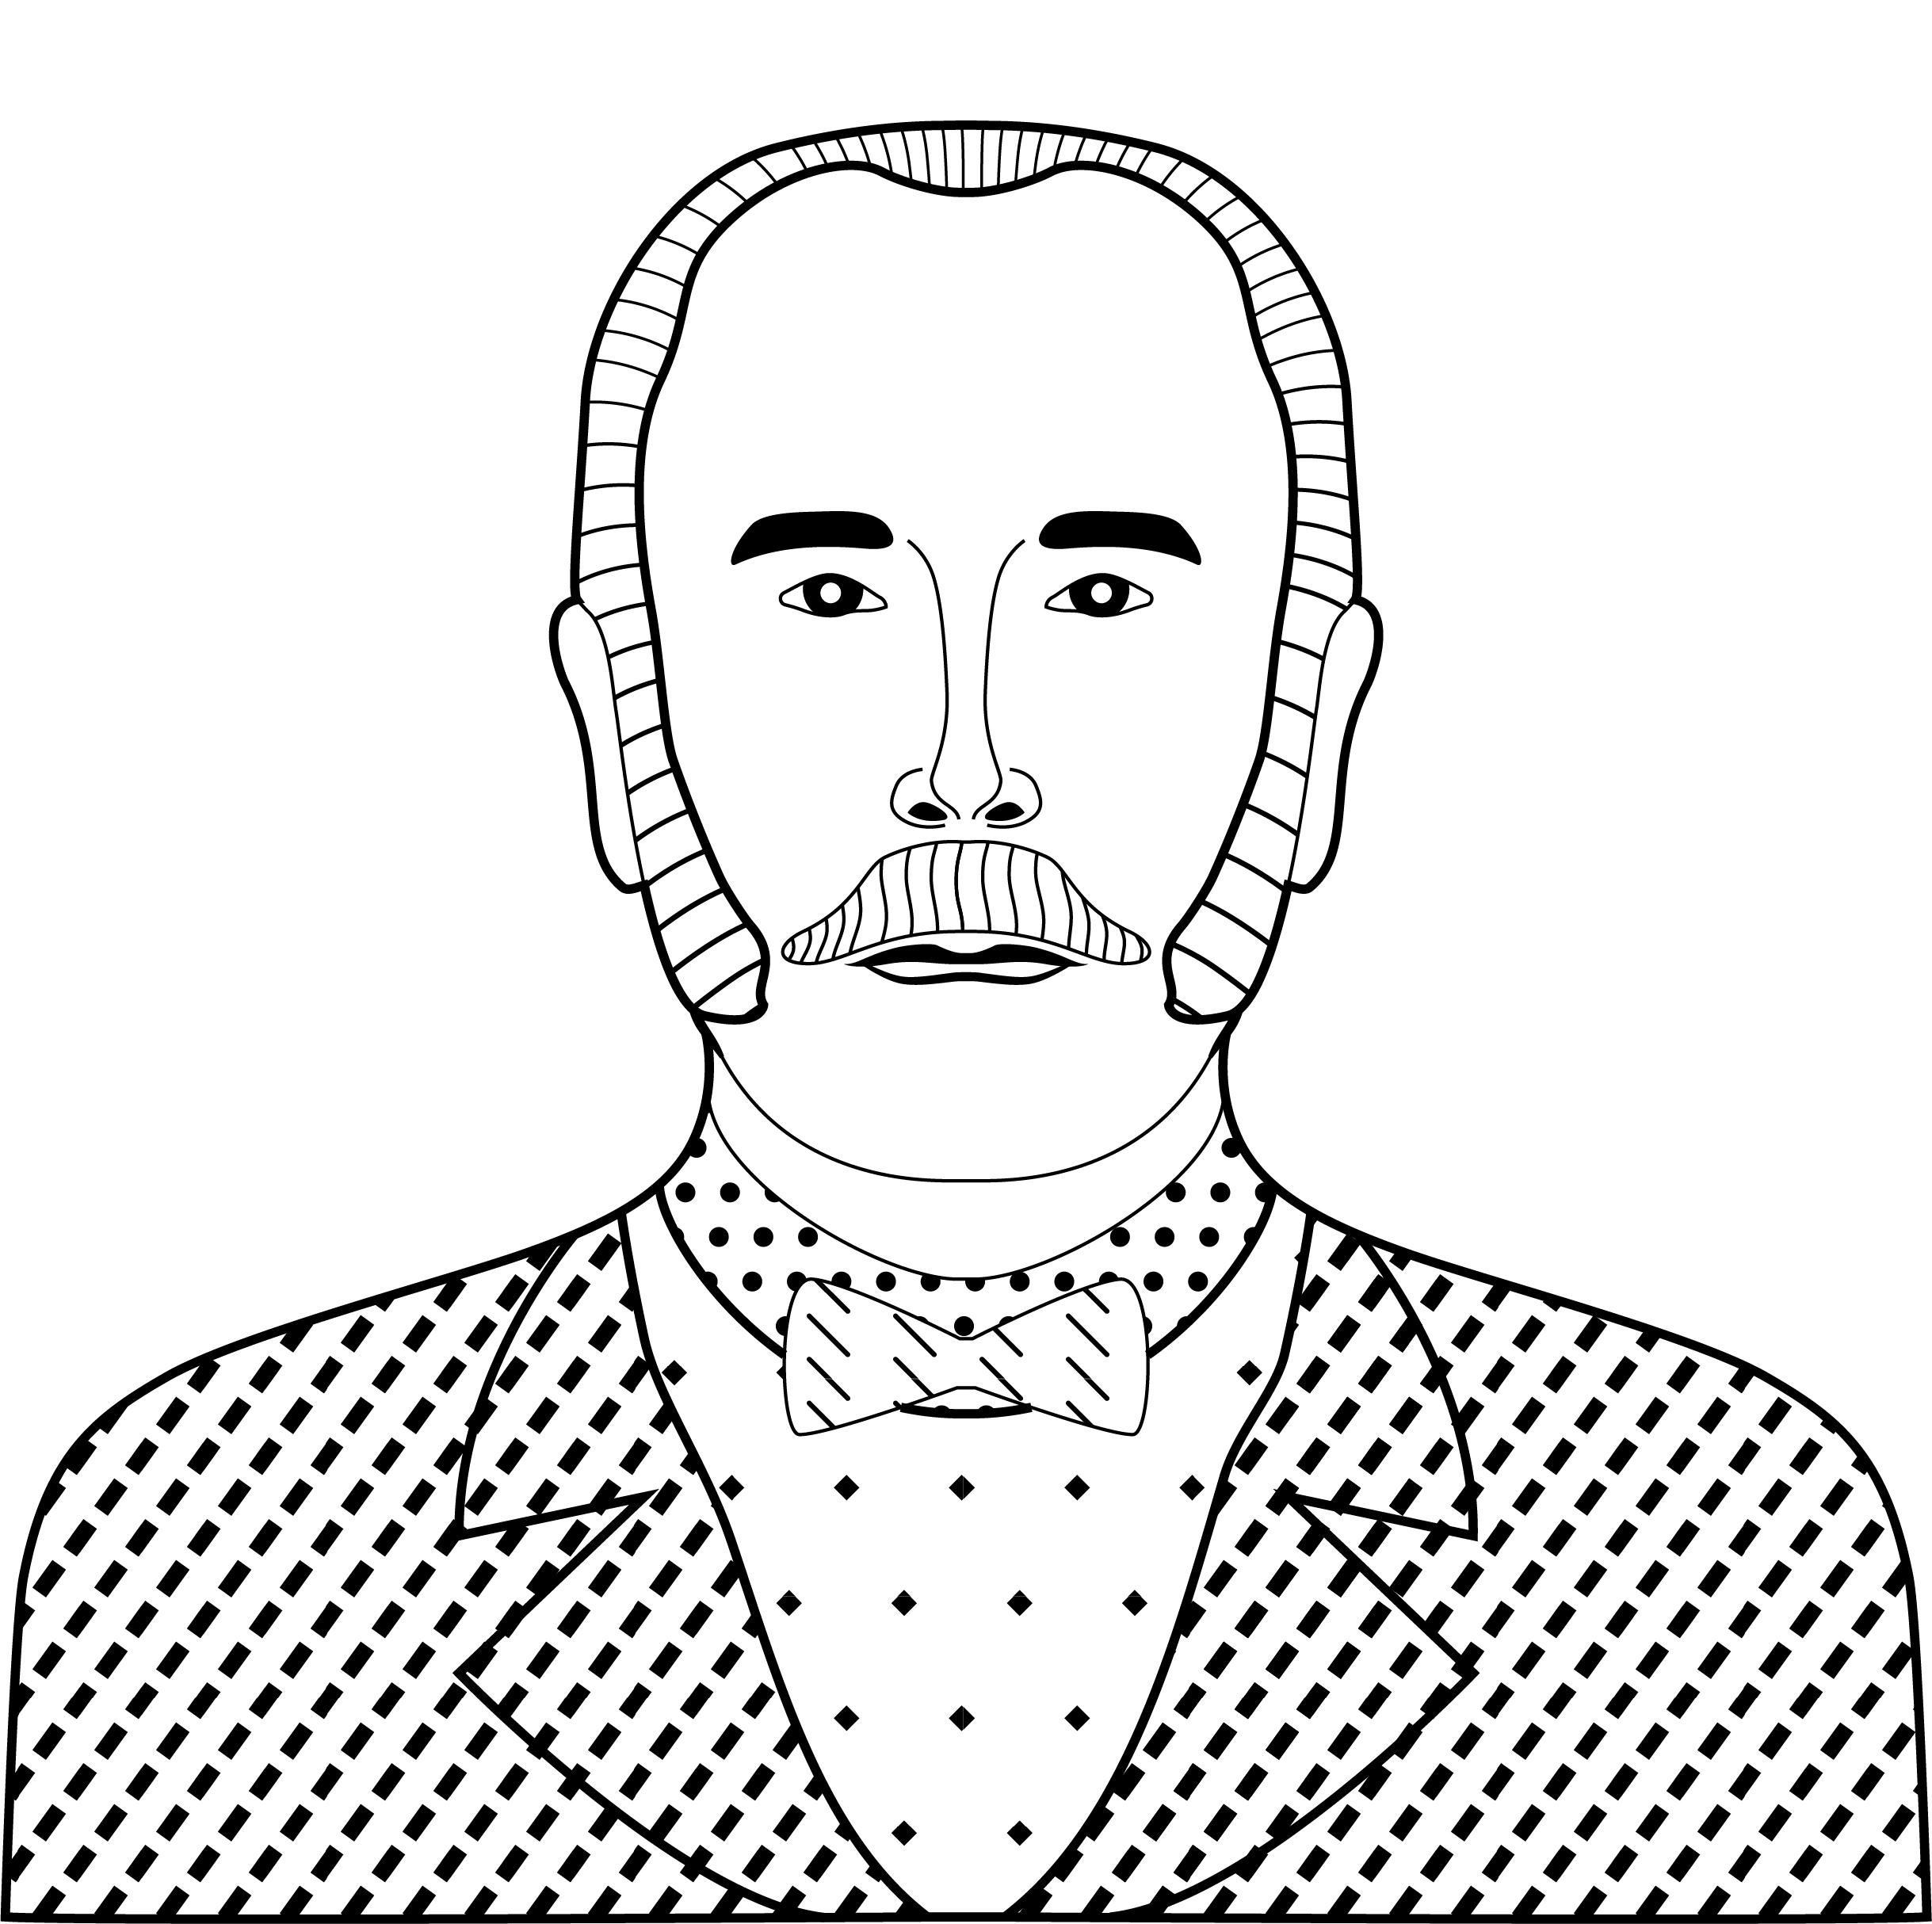 alexandru margiloman